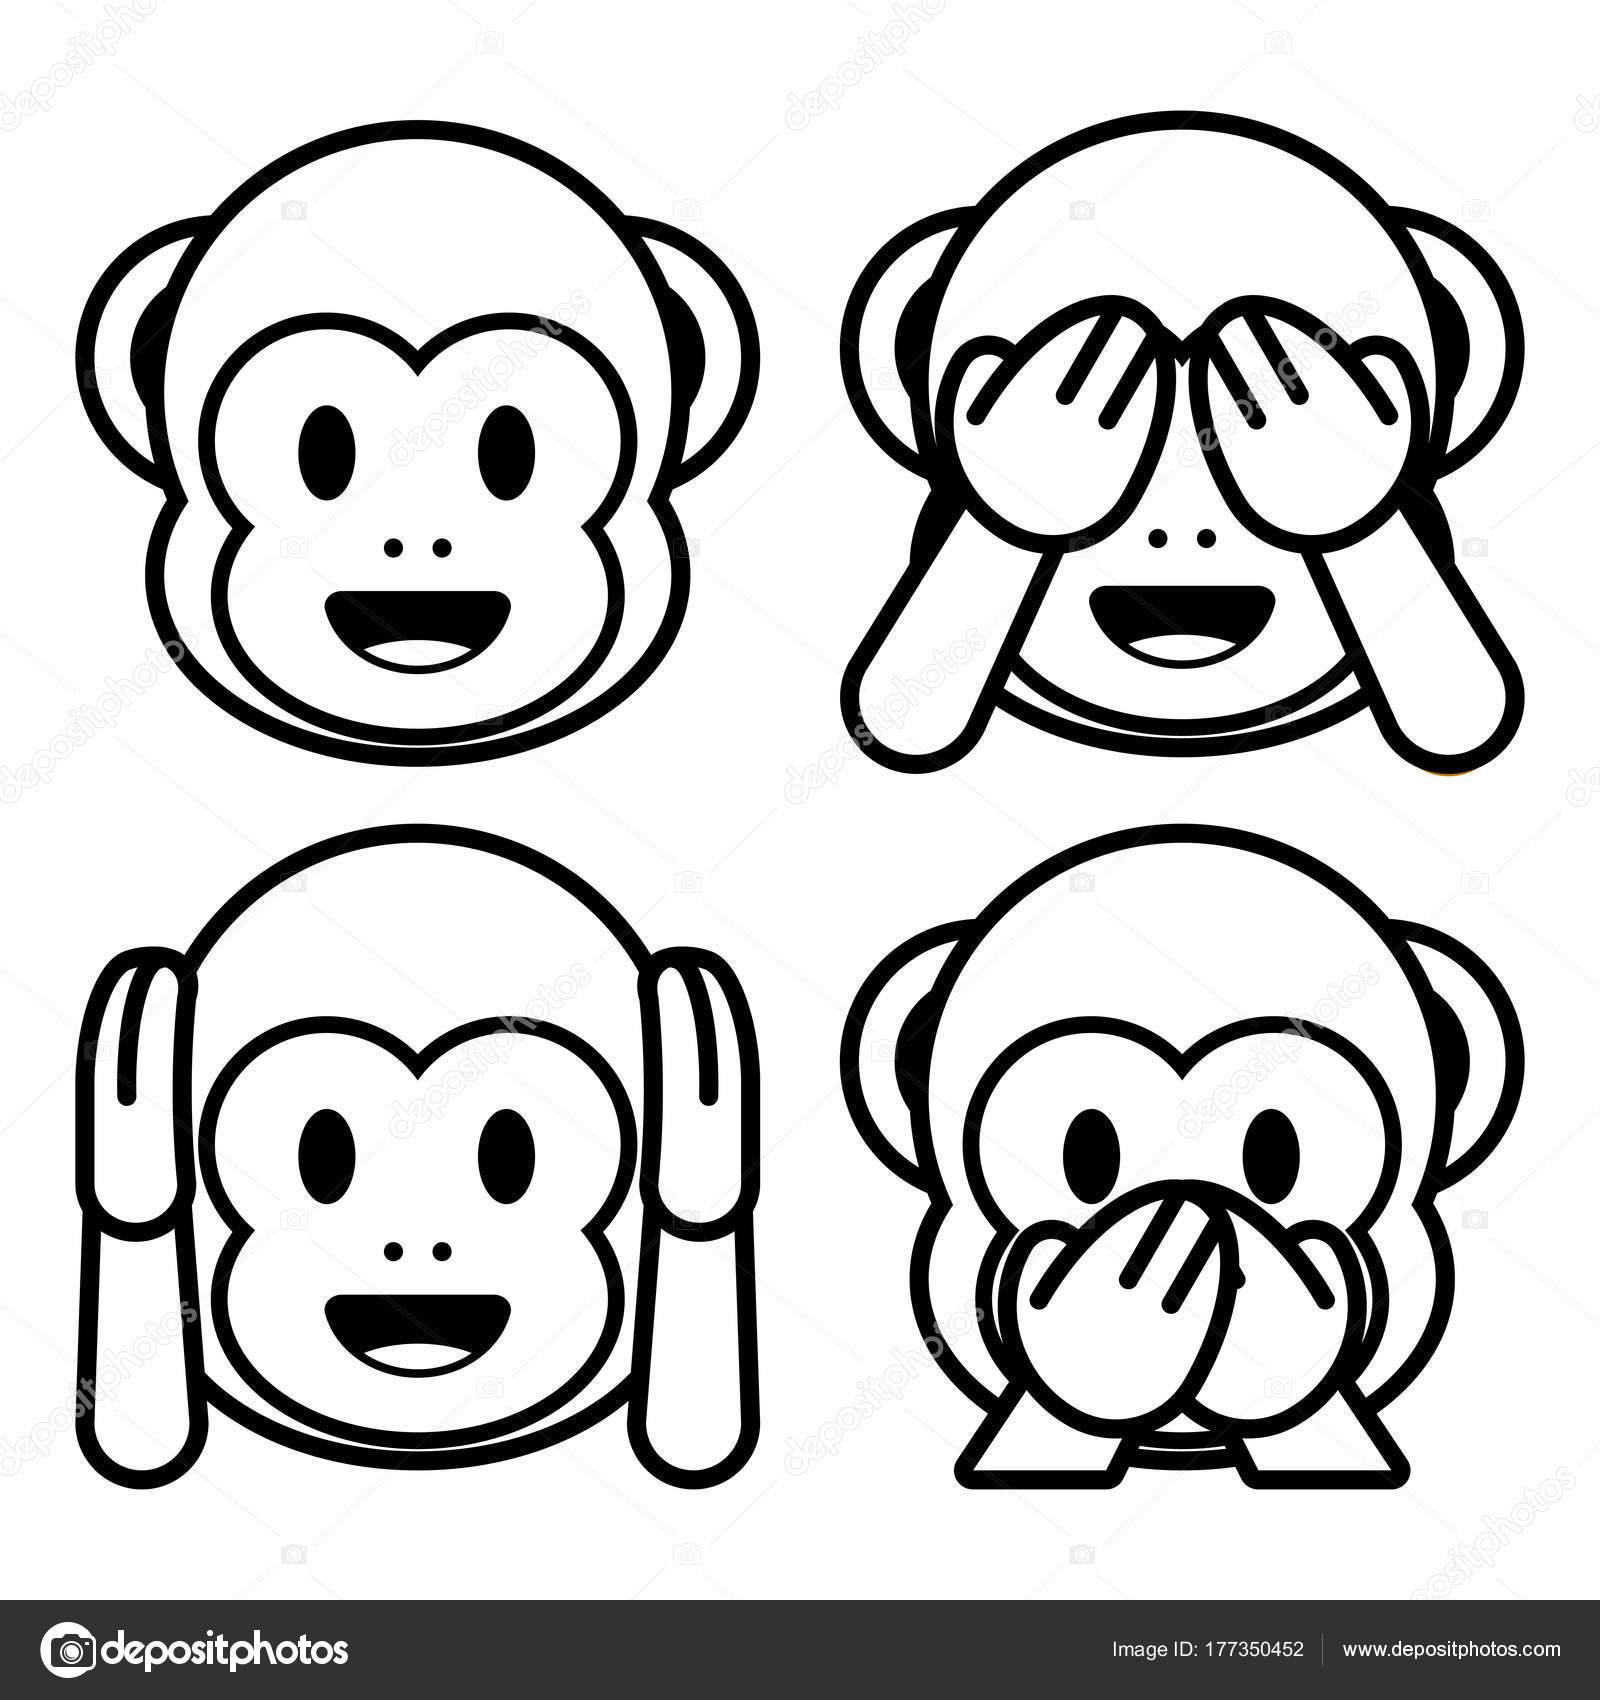 best dibujos para imprimir y colorear de emojis image collection